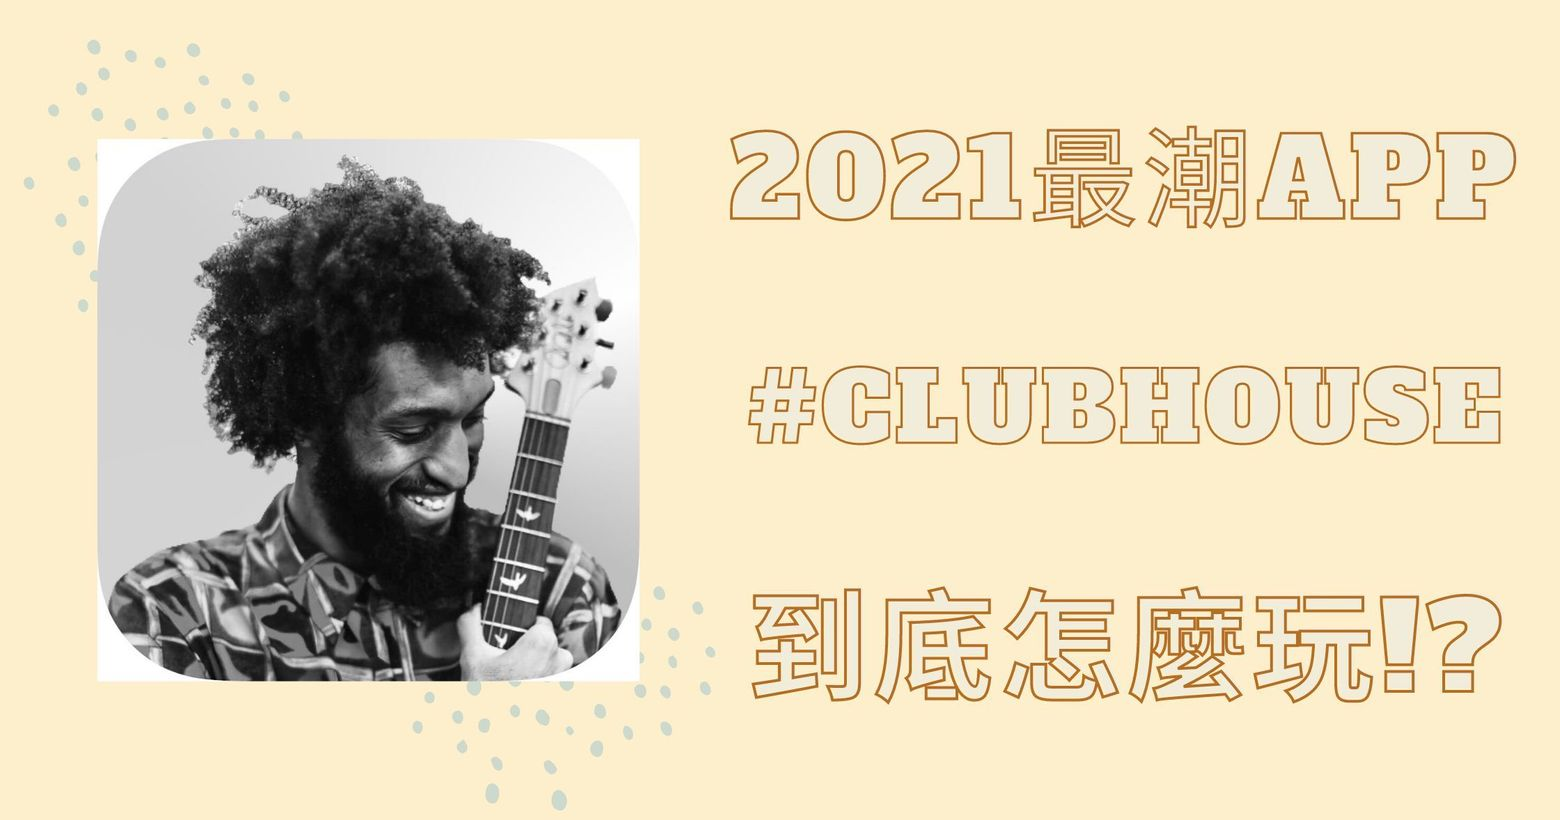 2021最潮新社群APP-【clubhouse】教你如何上車!新手入門教學裡面請~這幾天在滑IG限動